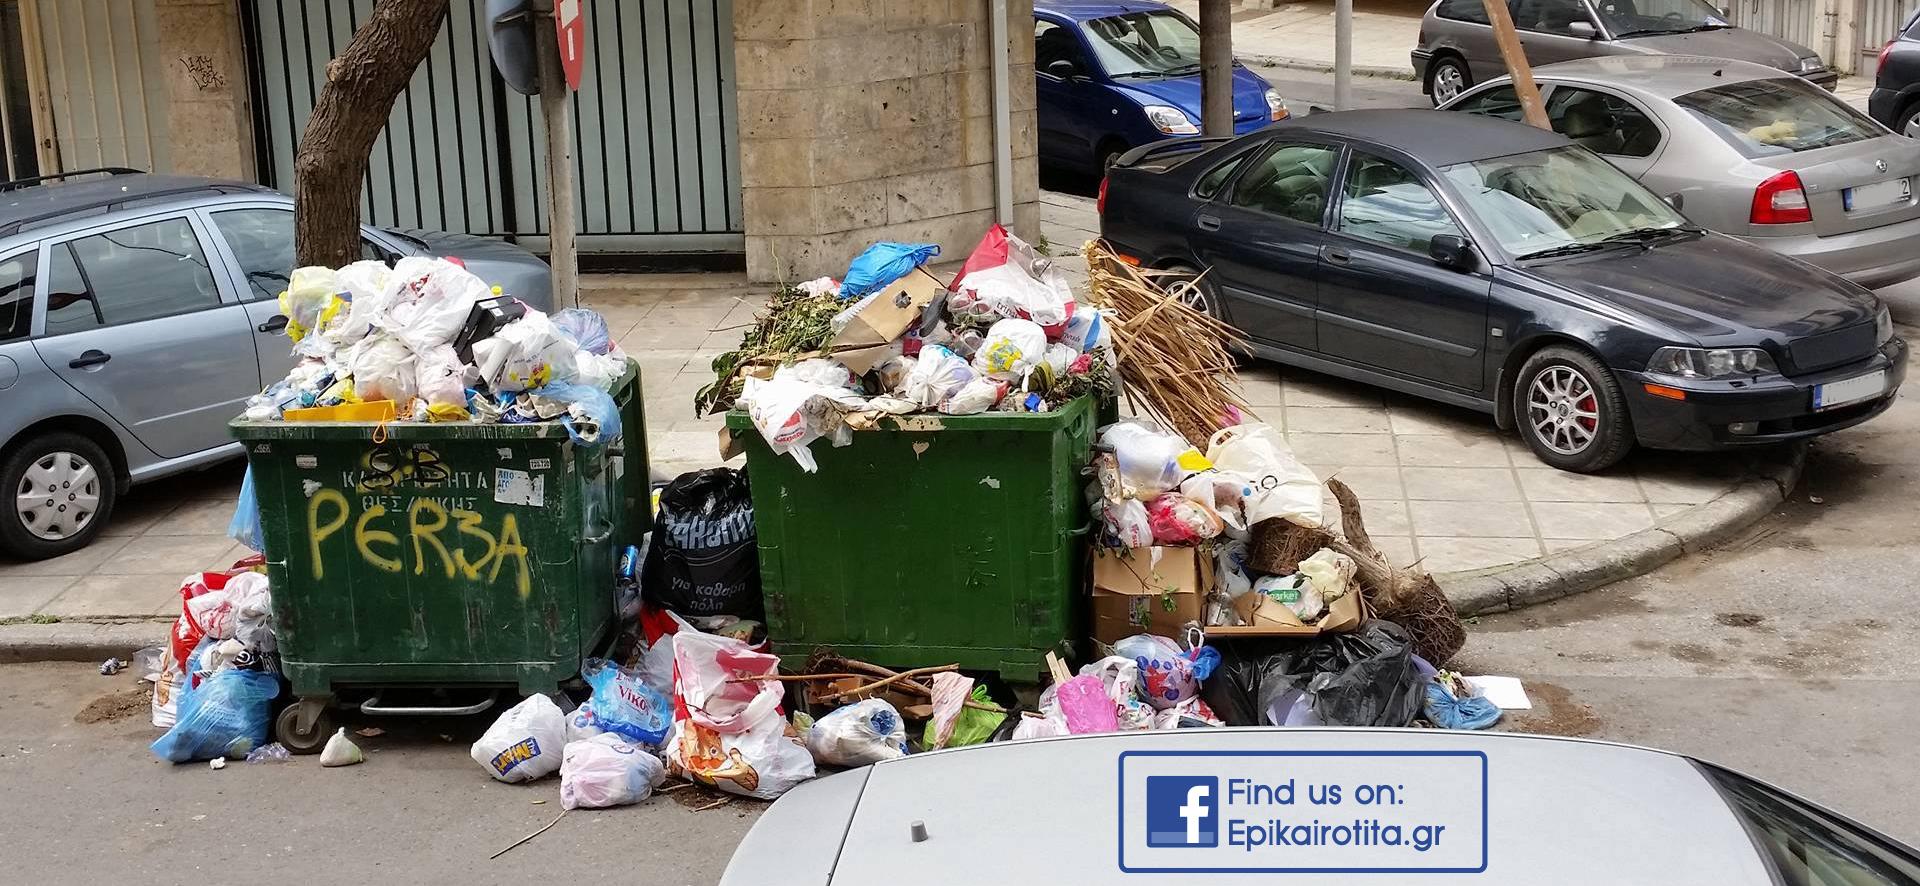 5/4/2016 - Καθαριότητα στο Δήμο Θεσσαλονίκης - Thumb